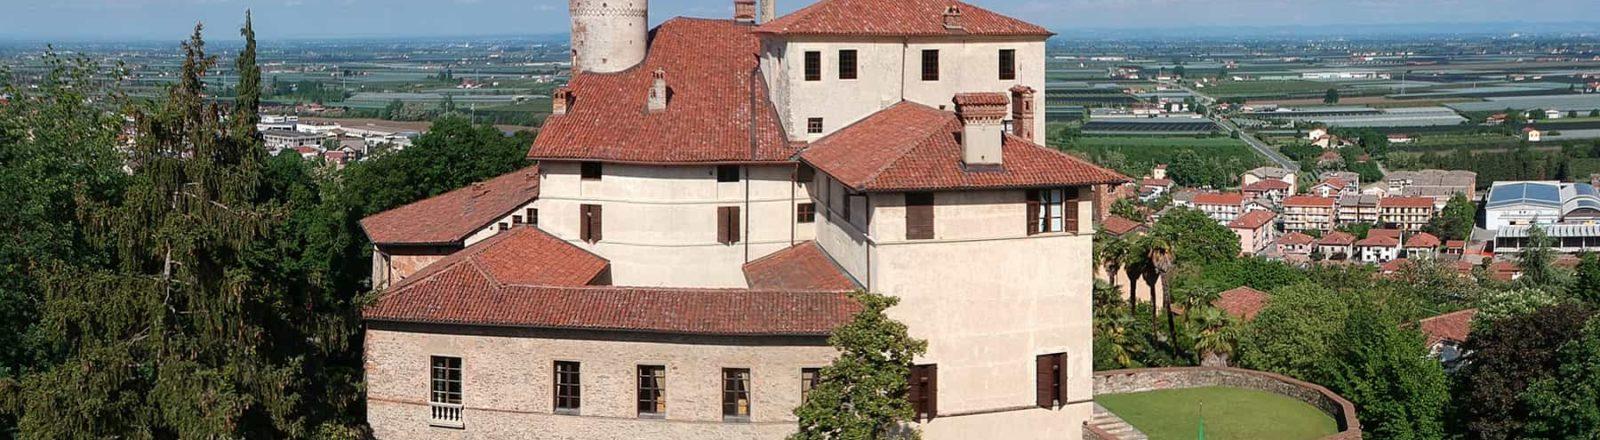 Castello di Manta e la Fiera del Tartufo di Alba